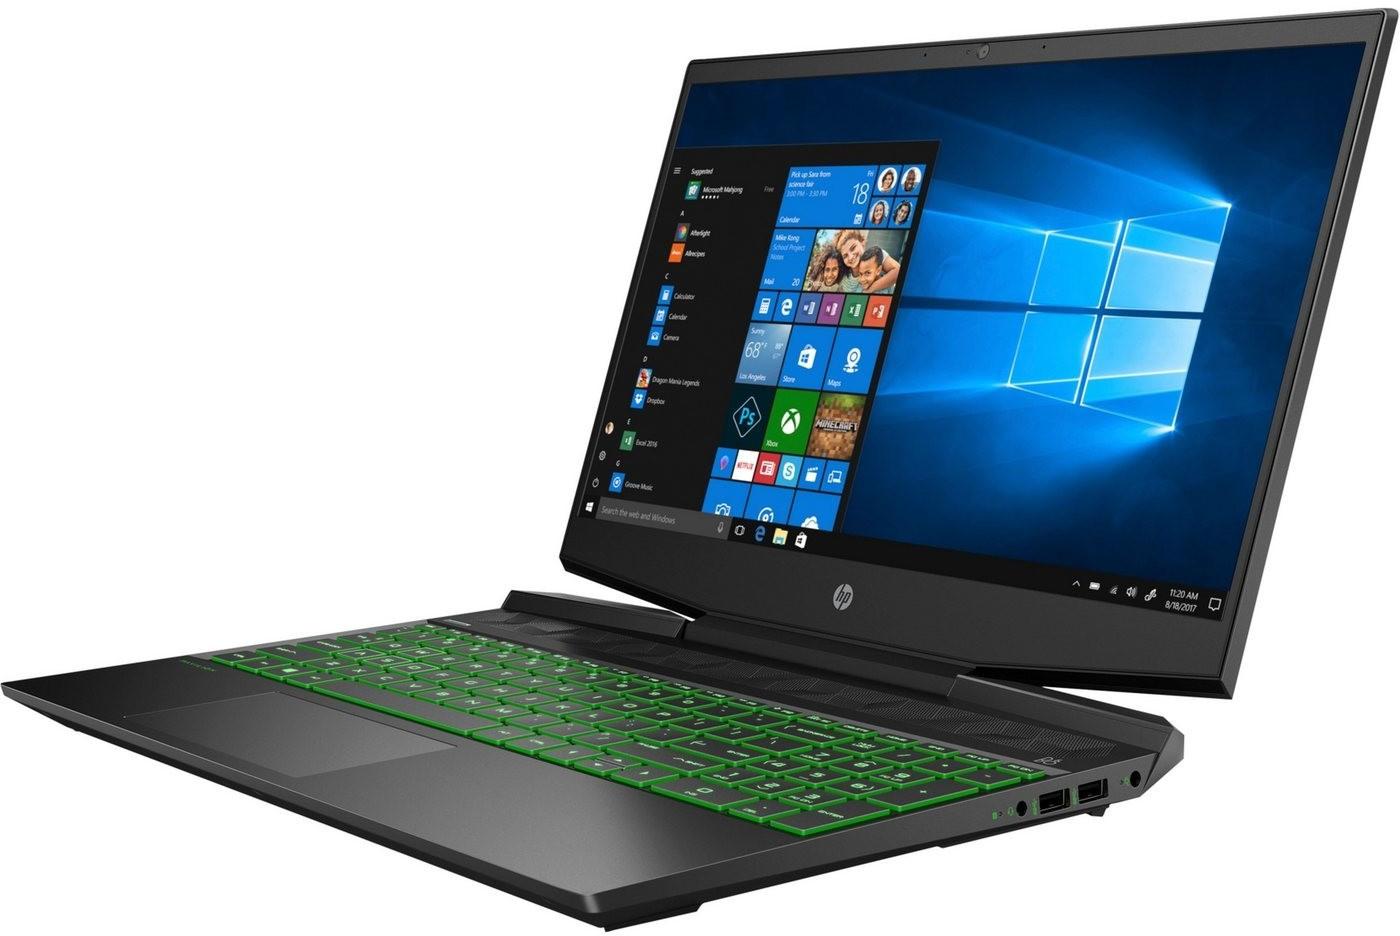 hp laptops-comparison_table-m-2